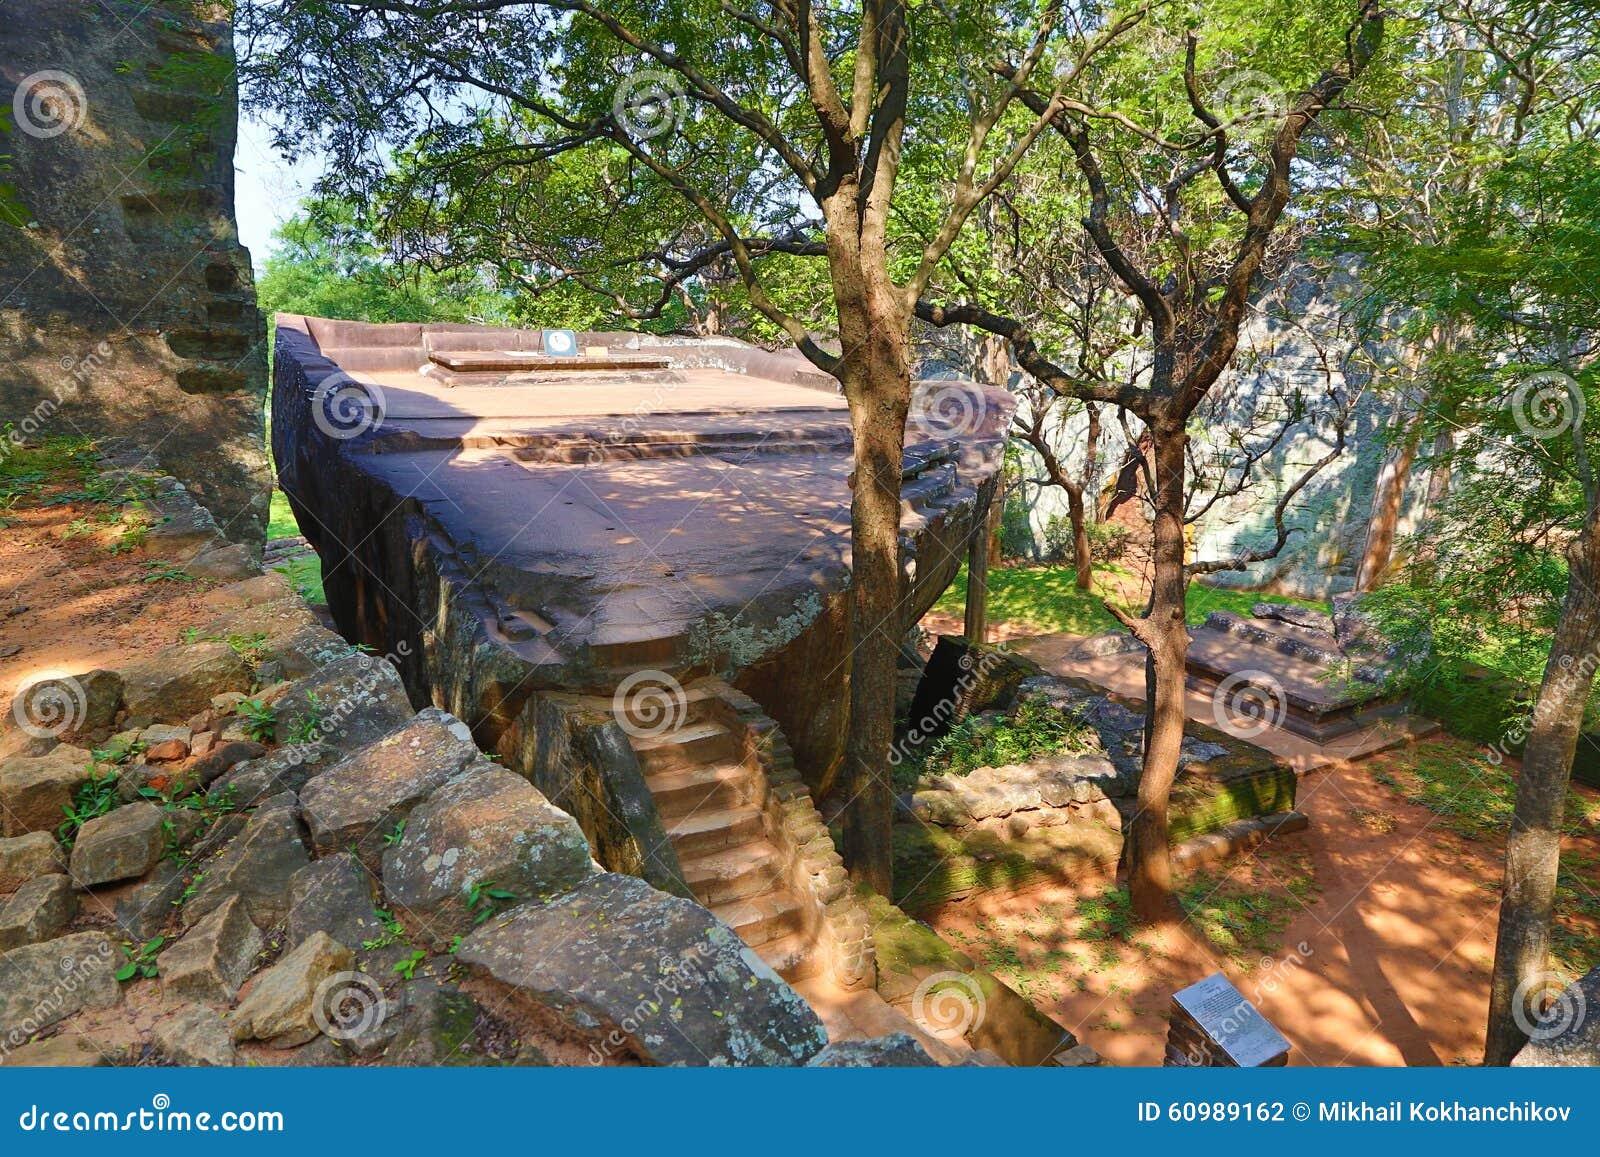 Sigiriya Garden In Sri Lanka Stock Photo Image Of Lankan Sigiriya